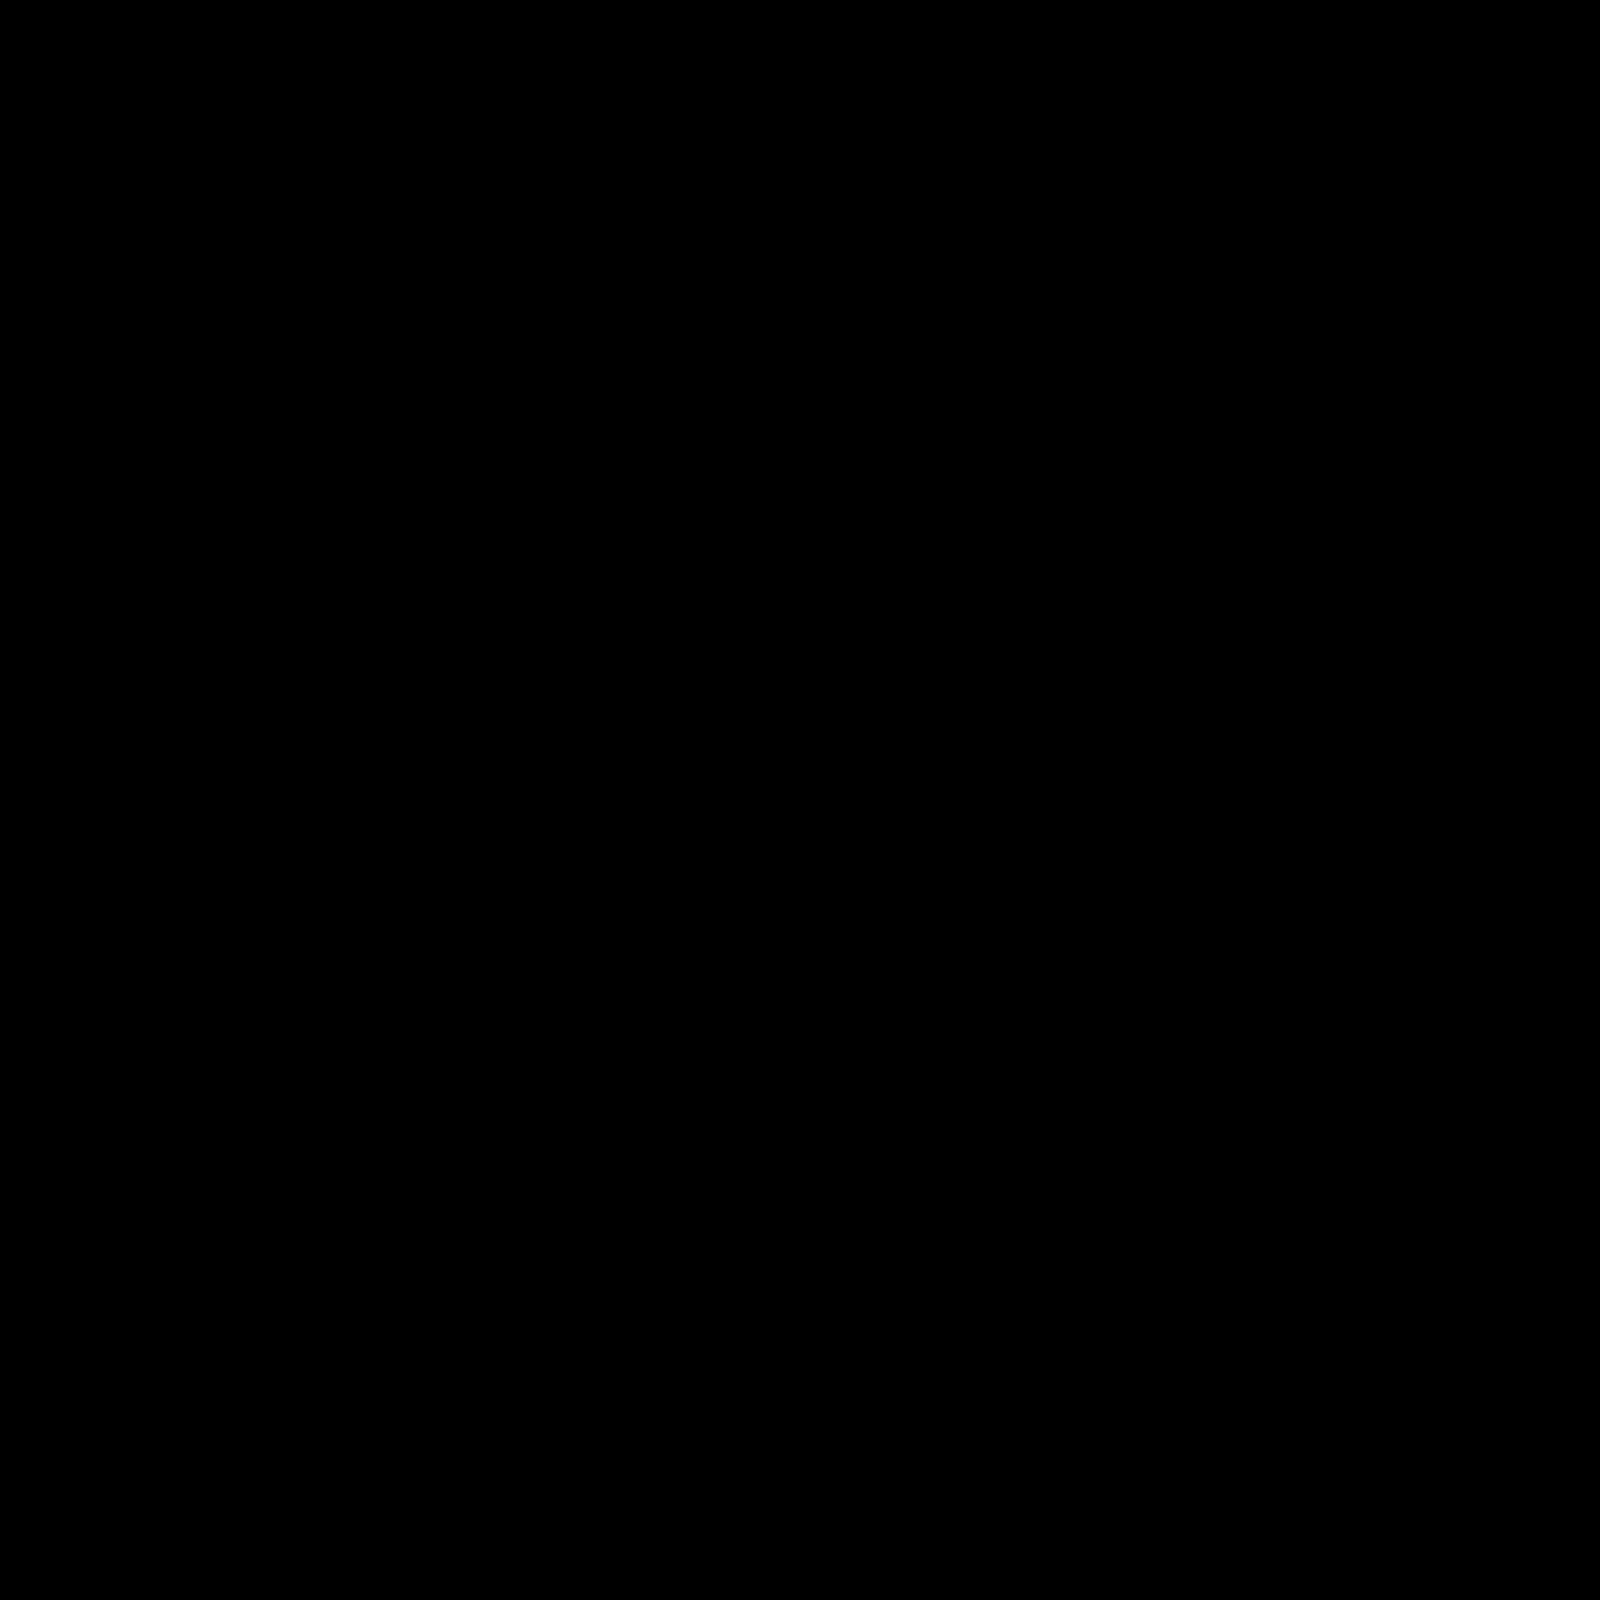 Magazine icon